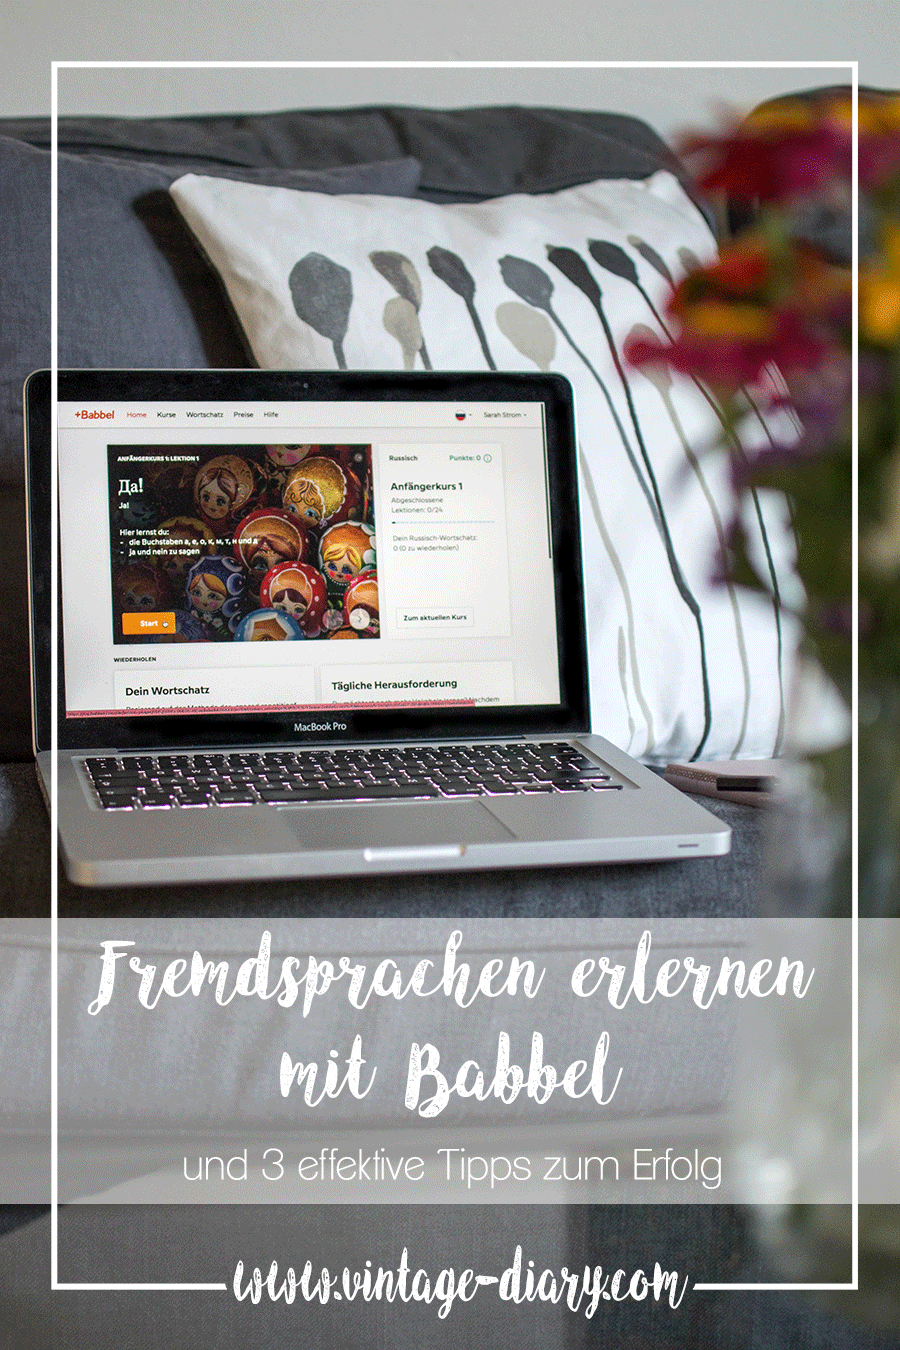 Anzeige | Fremdsprachen erlernen mit Babbel und 3 effektive Tipps zum Erfolg